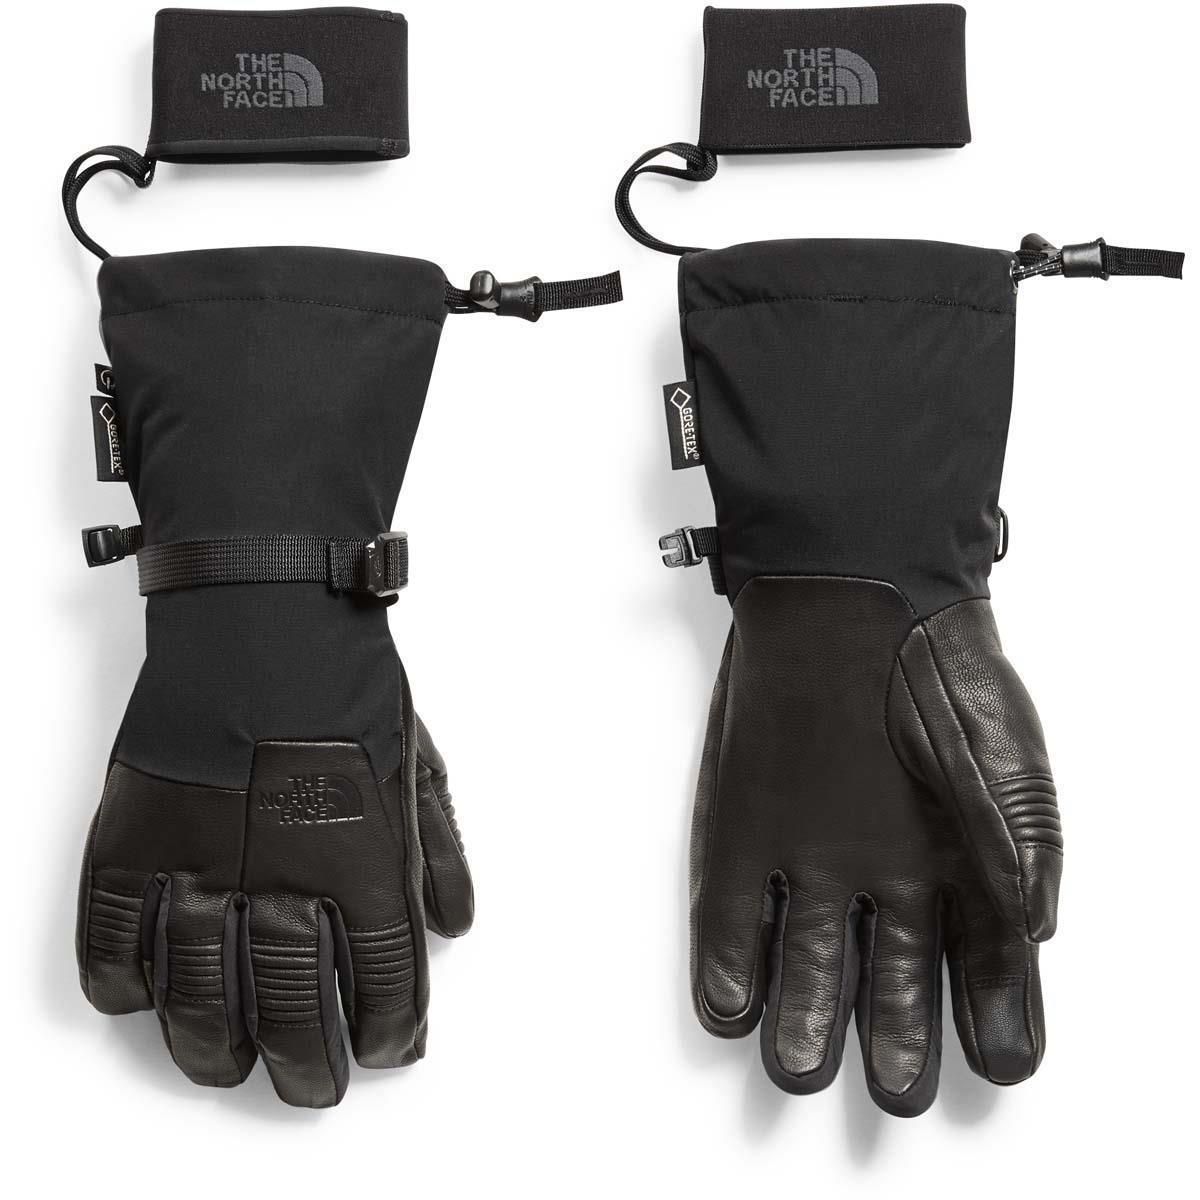 99c5b4a7d The North Face Powercloud Gore-Tex Glove - Men's